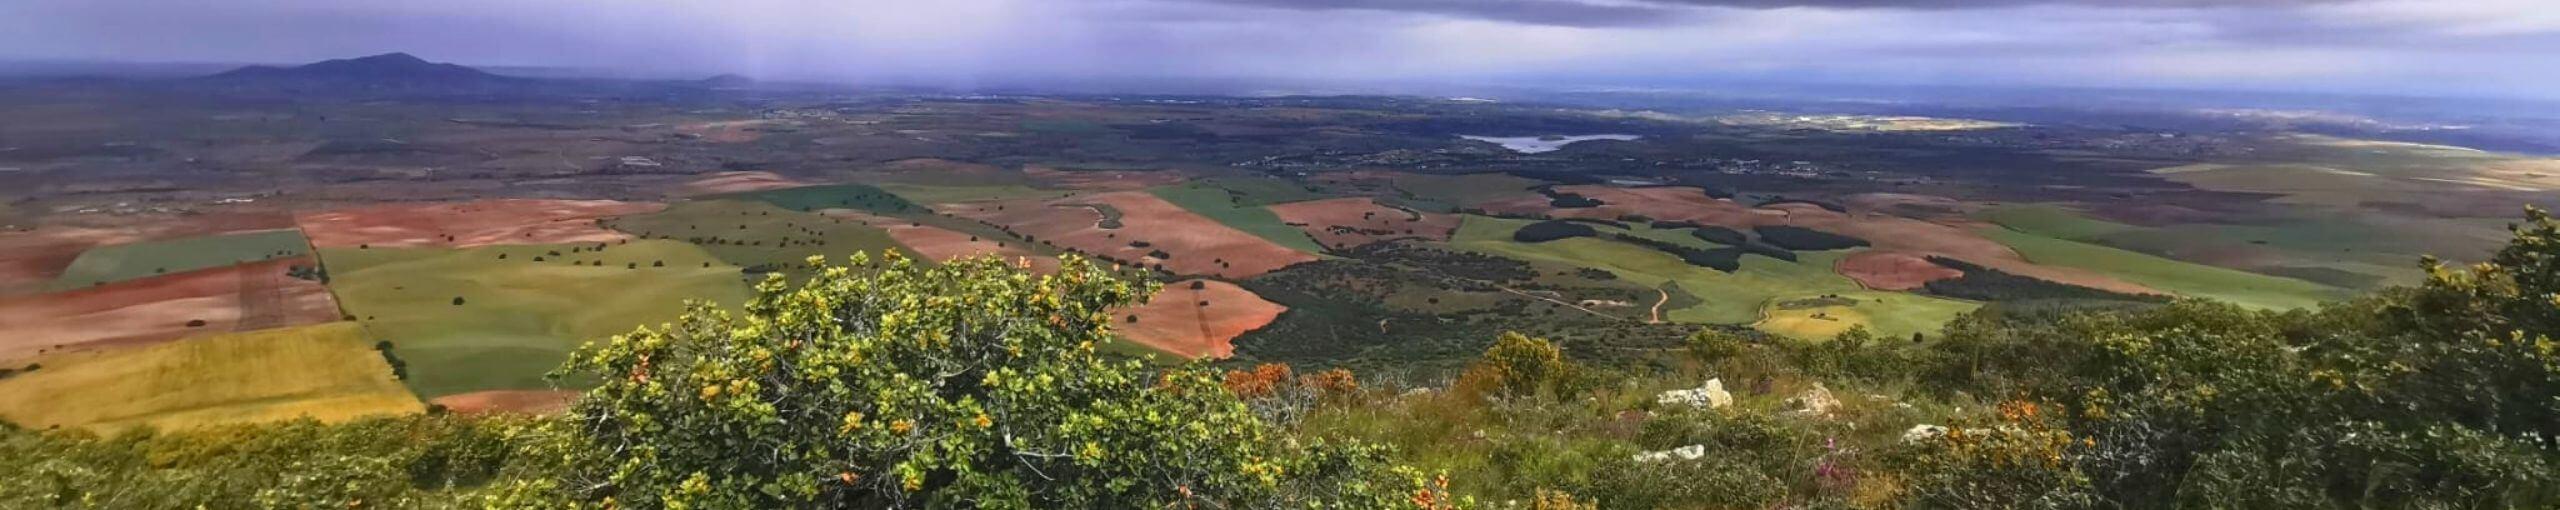 Sierra de Layos, Toledo. Castilla La Mancha.